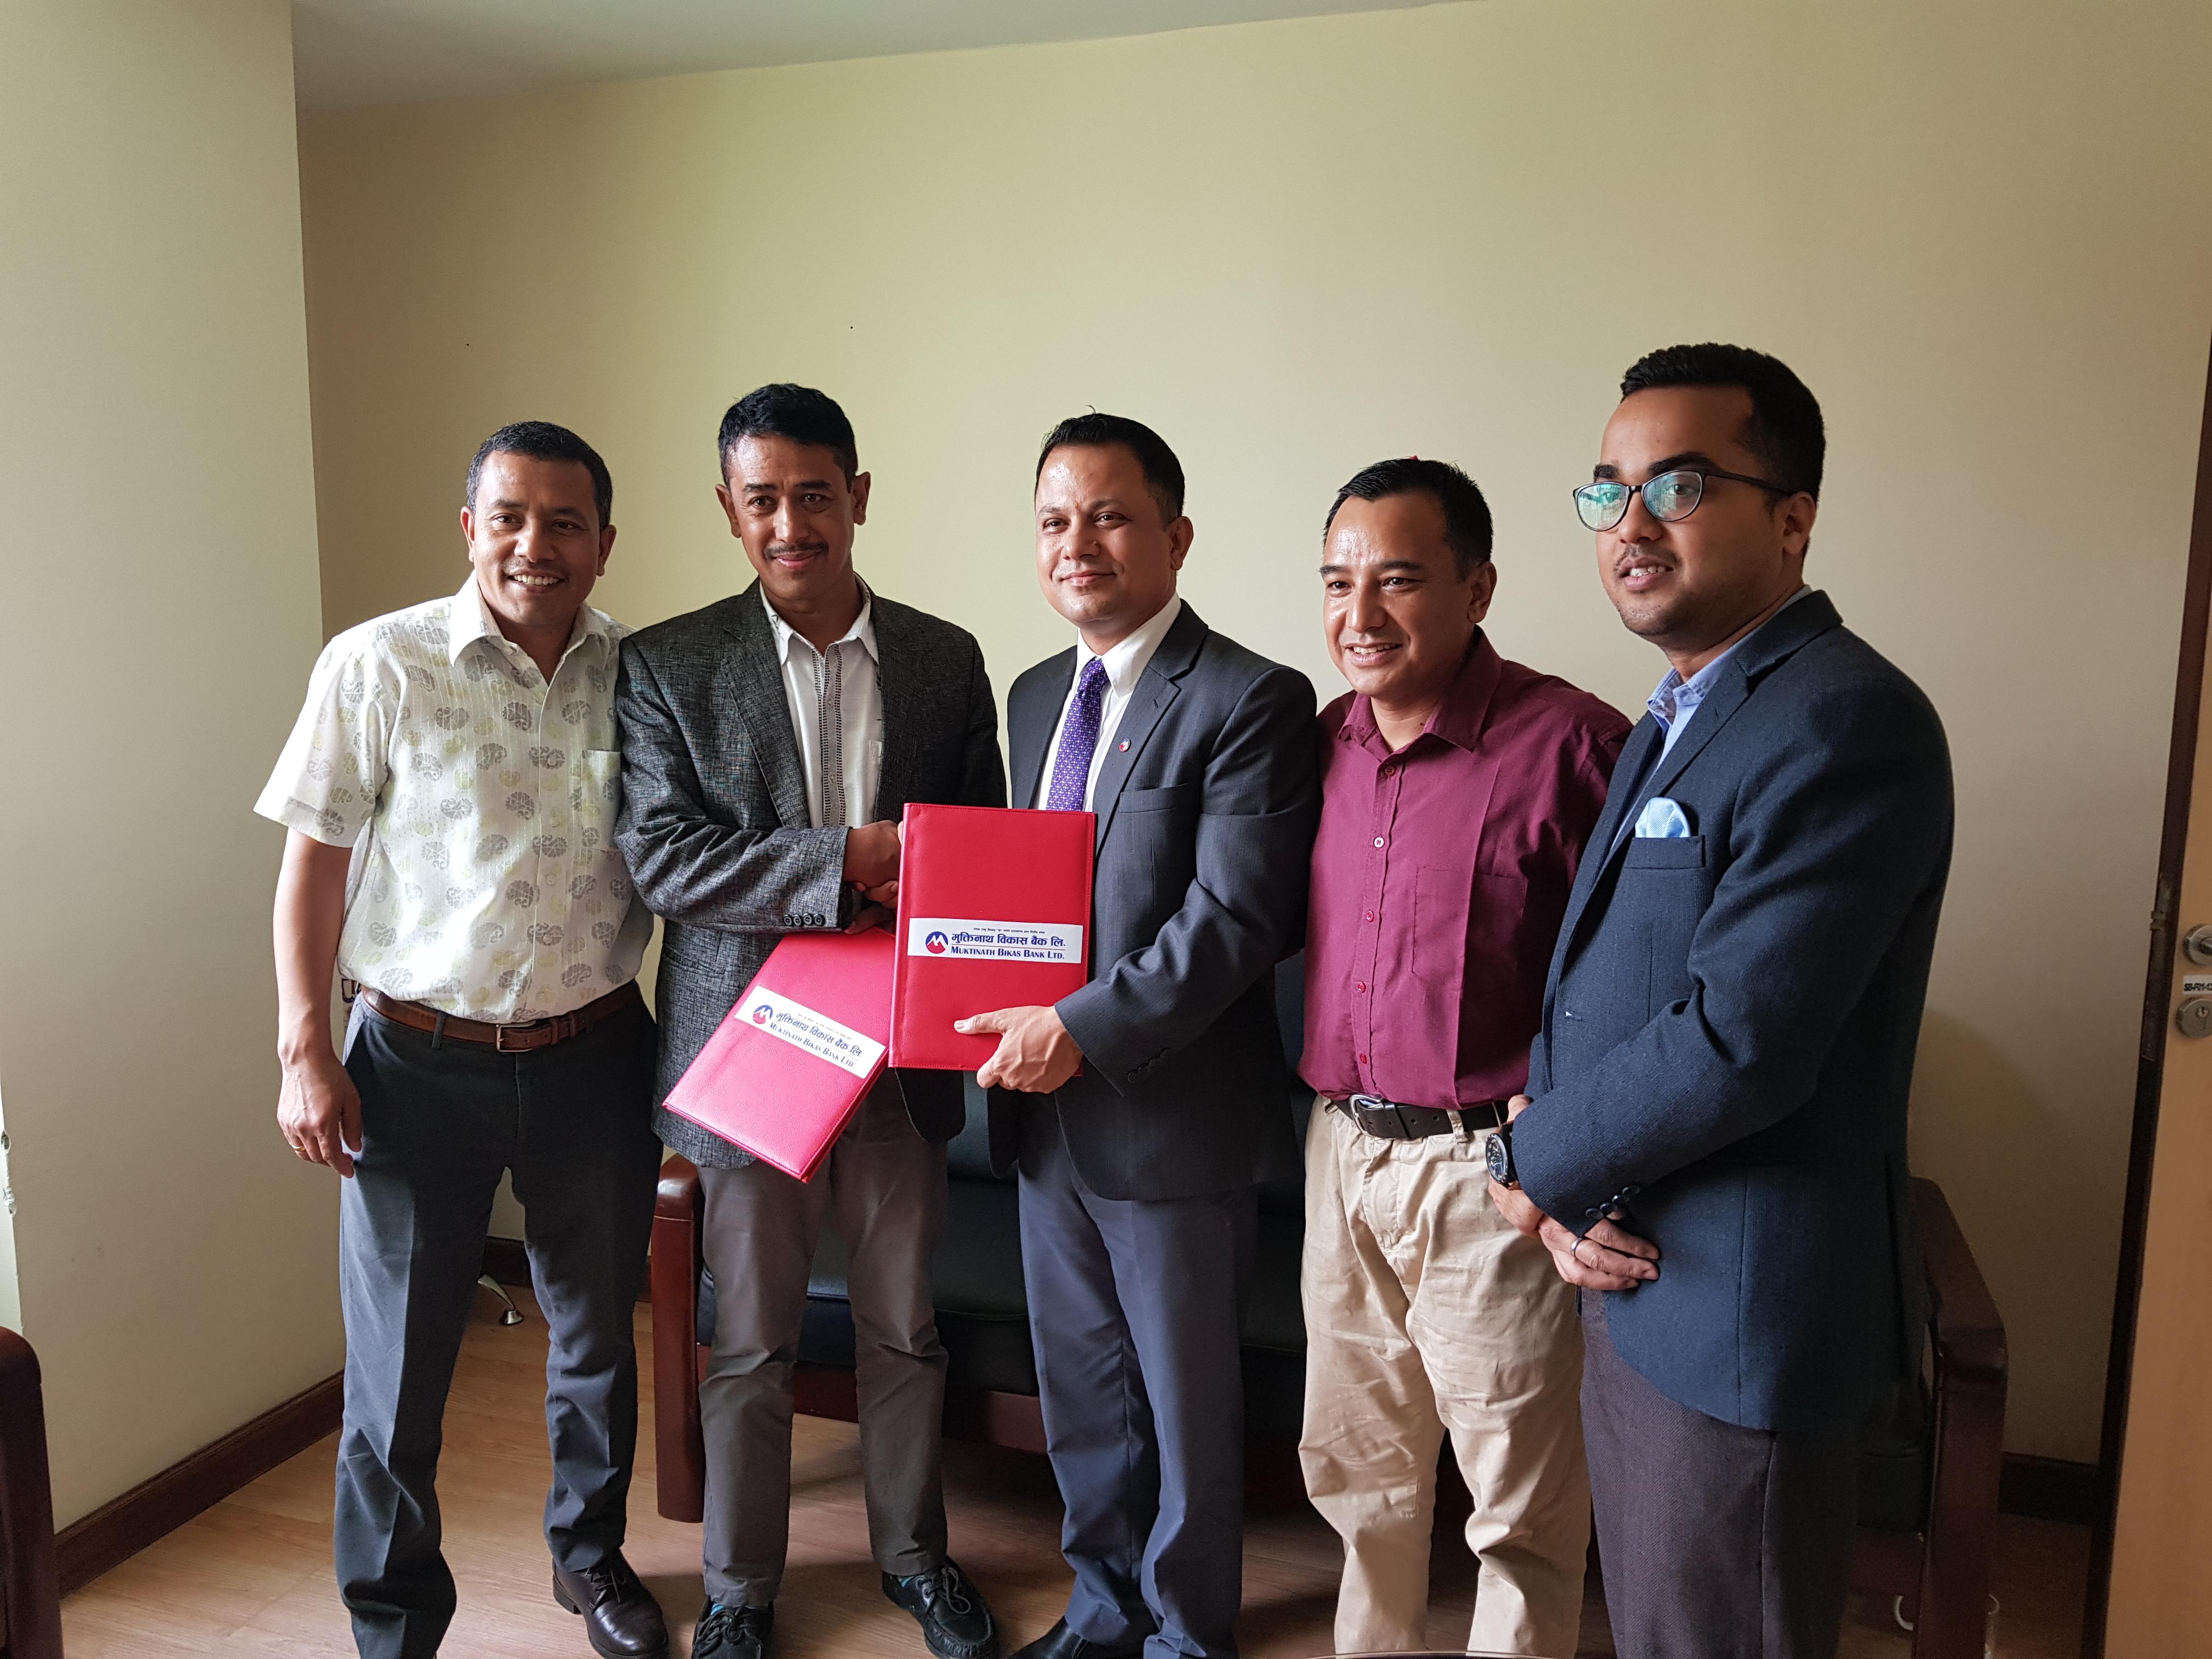 मुक्तिनाथ विकास बैंक ग्राण्डी इन्टरनेशनल अस्पतालबीच सहकार्य